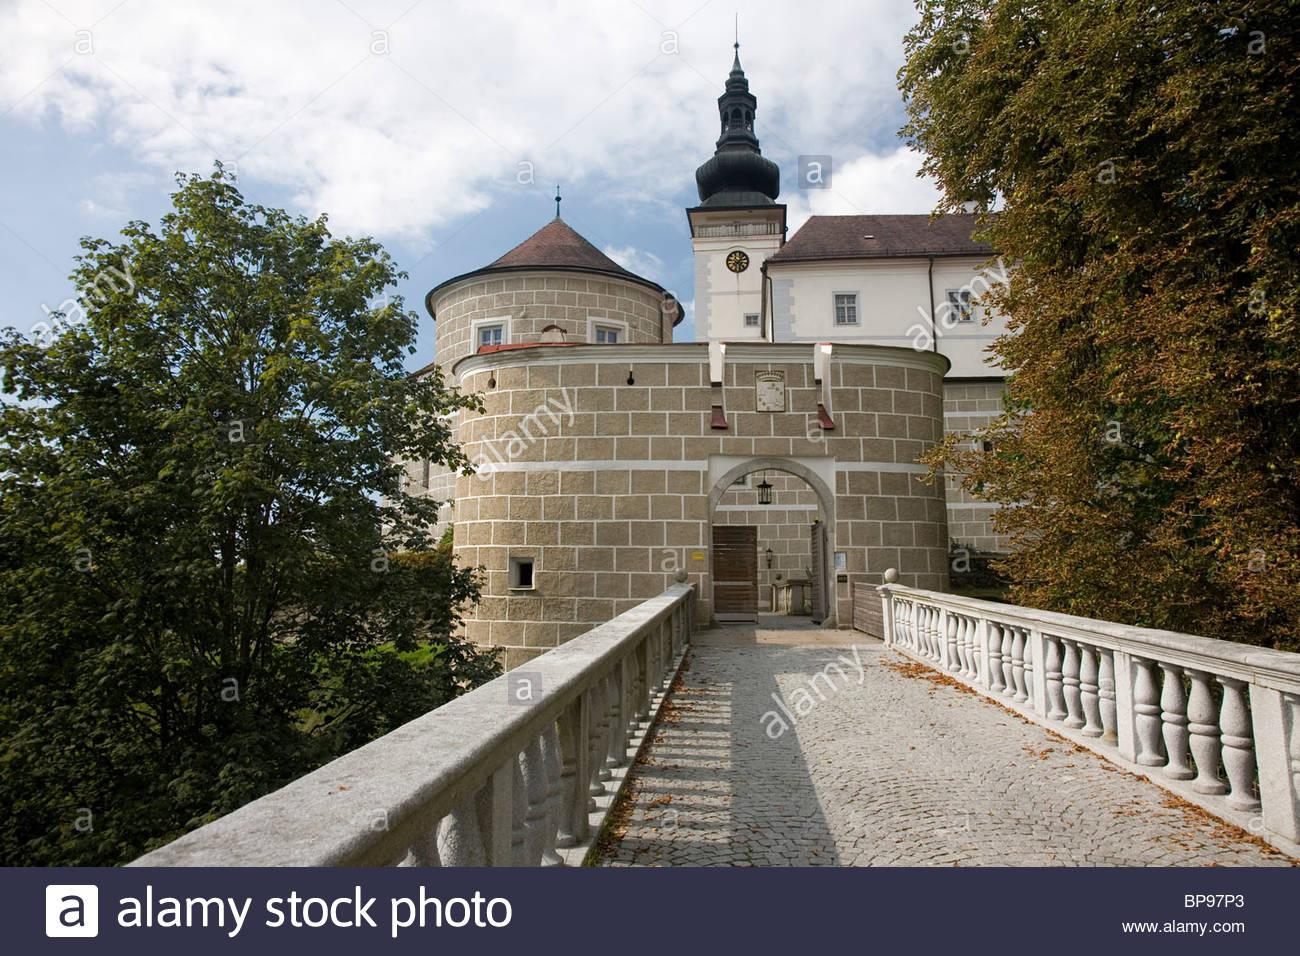 Weinberg castle, Kefermarkt, Muehlviertel, Upper Austria, Austria Stock Photo